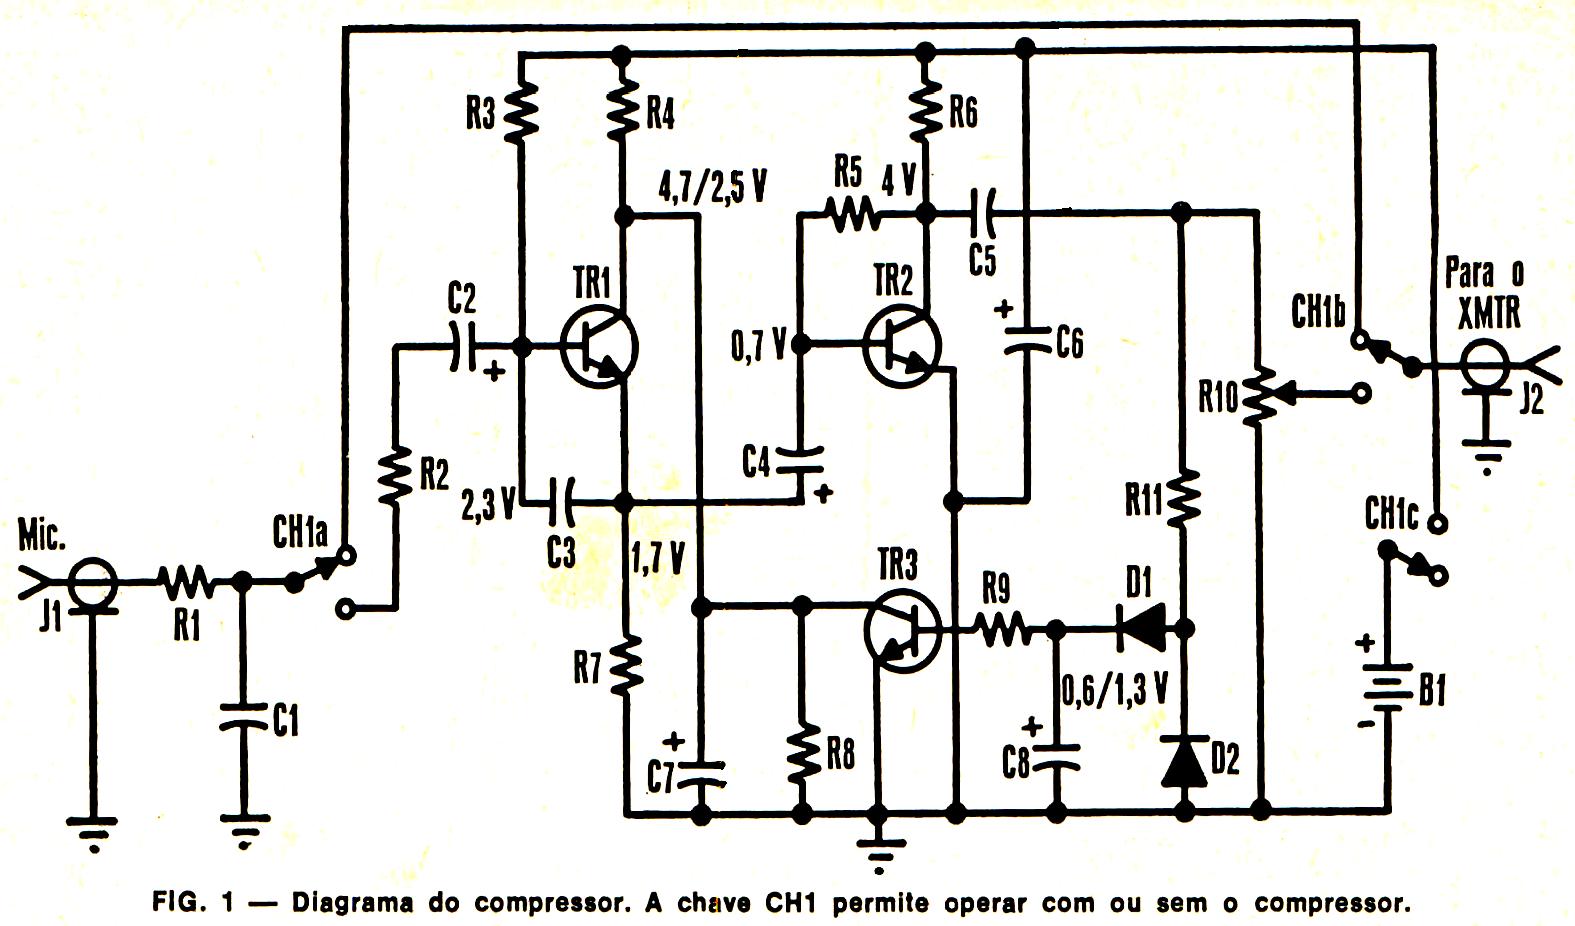 esquemas projetos eletr u00f4nicos   compressor e pr u00e9 de